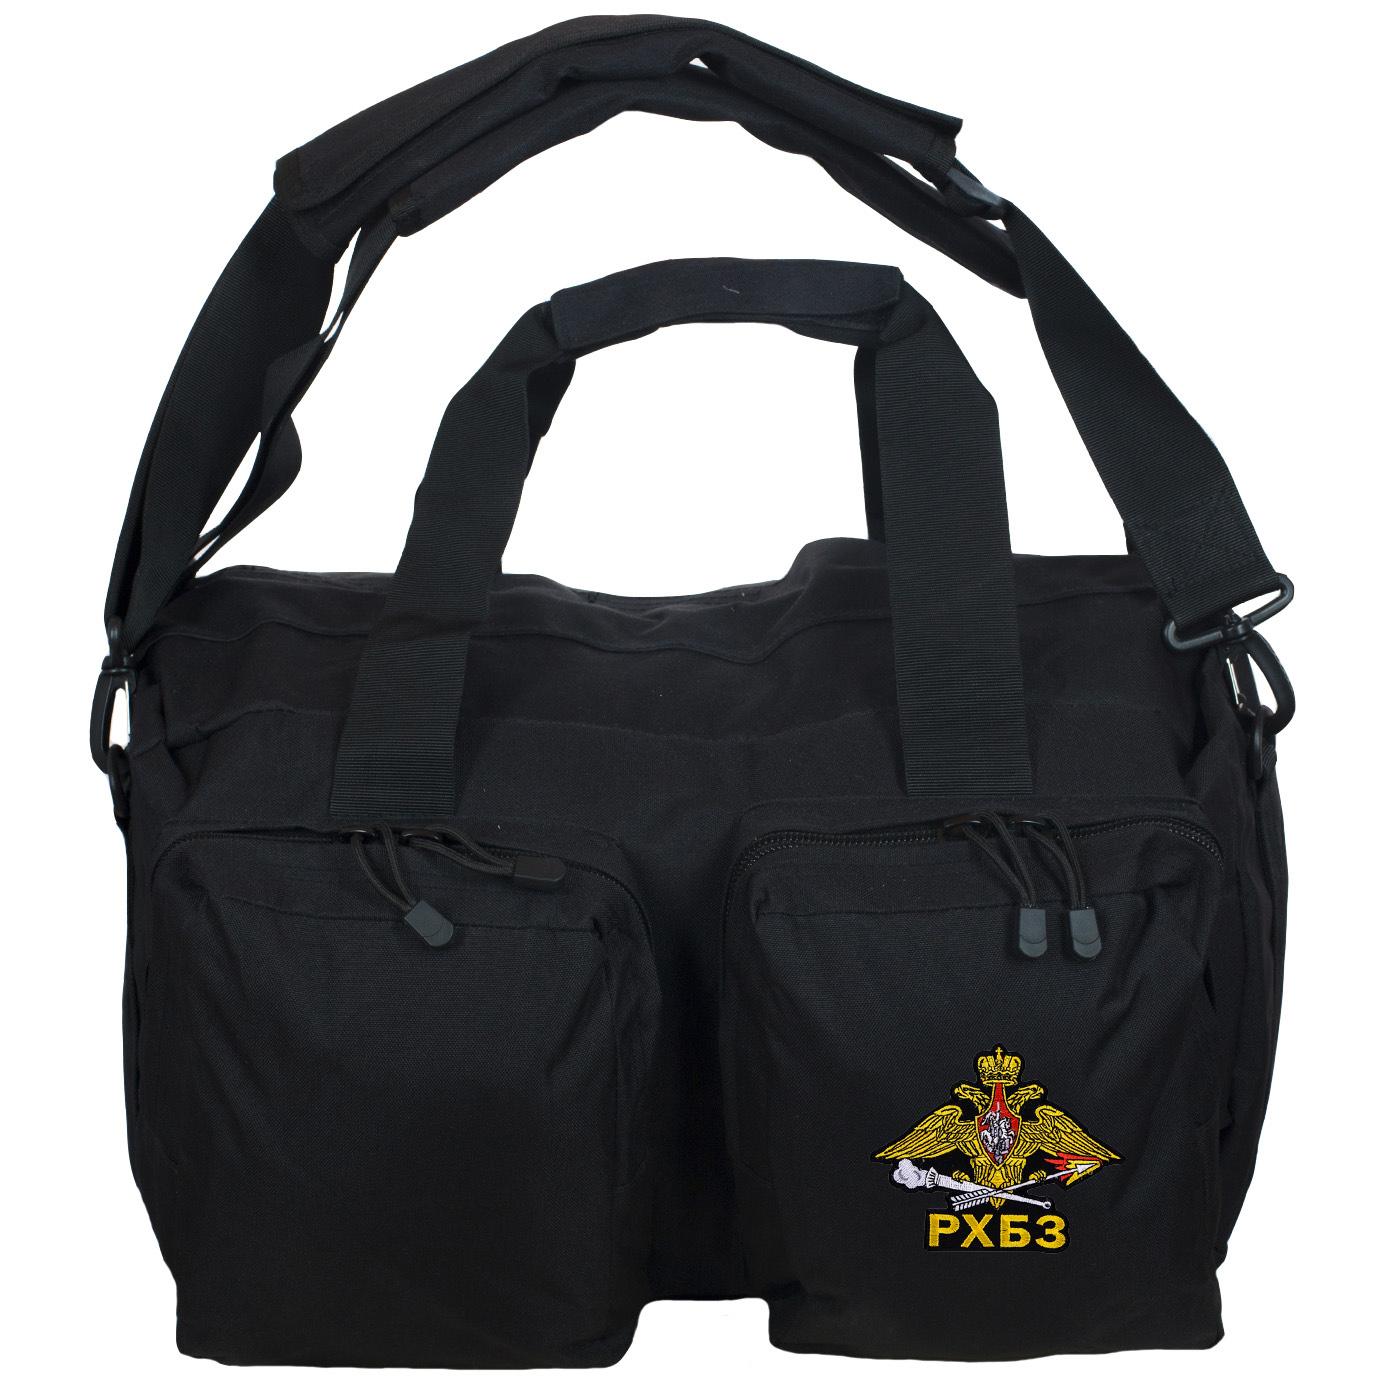 Черная практичная сумка-рюкзак с эмблемой РХБЗ